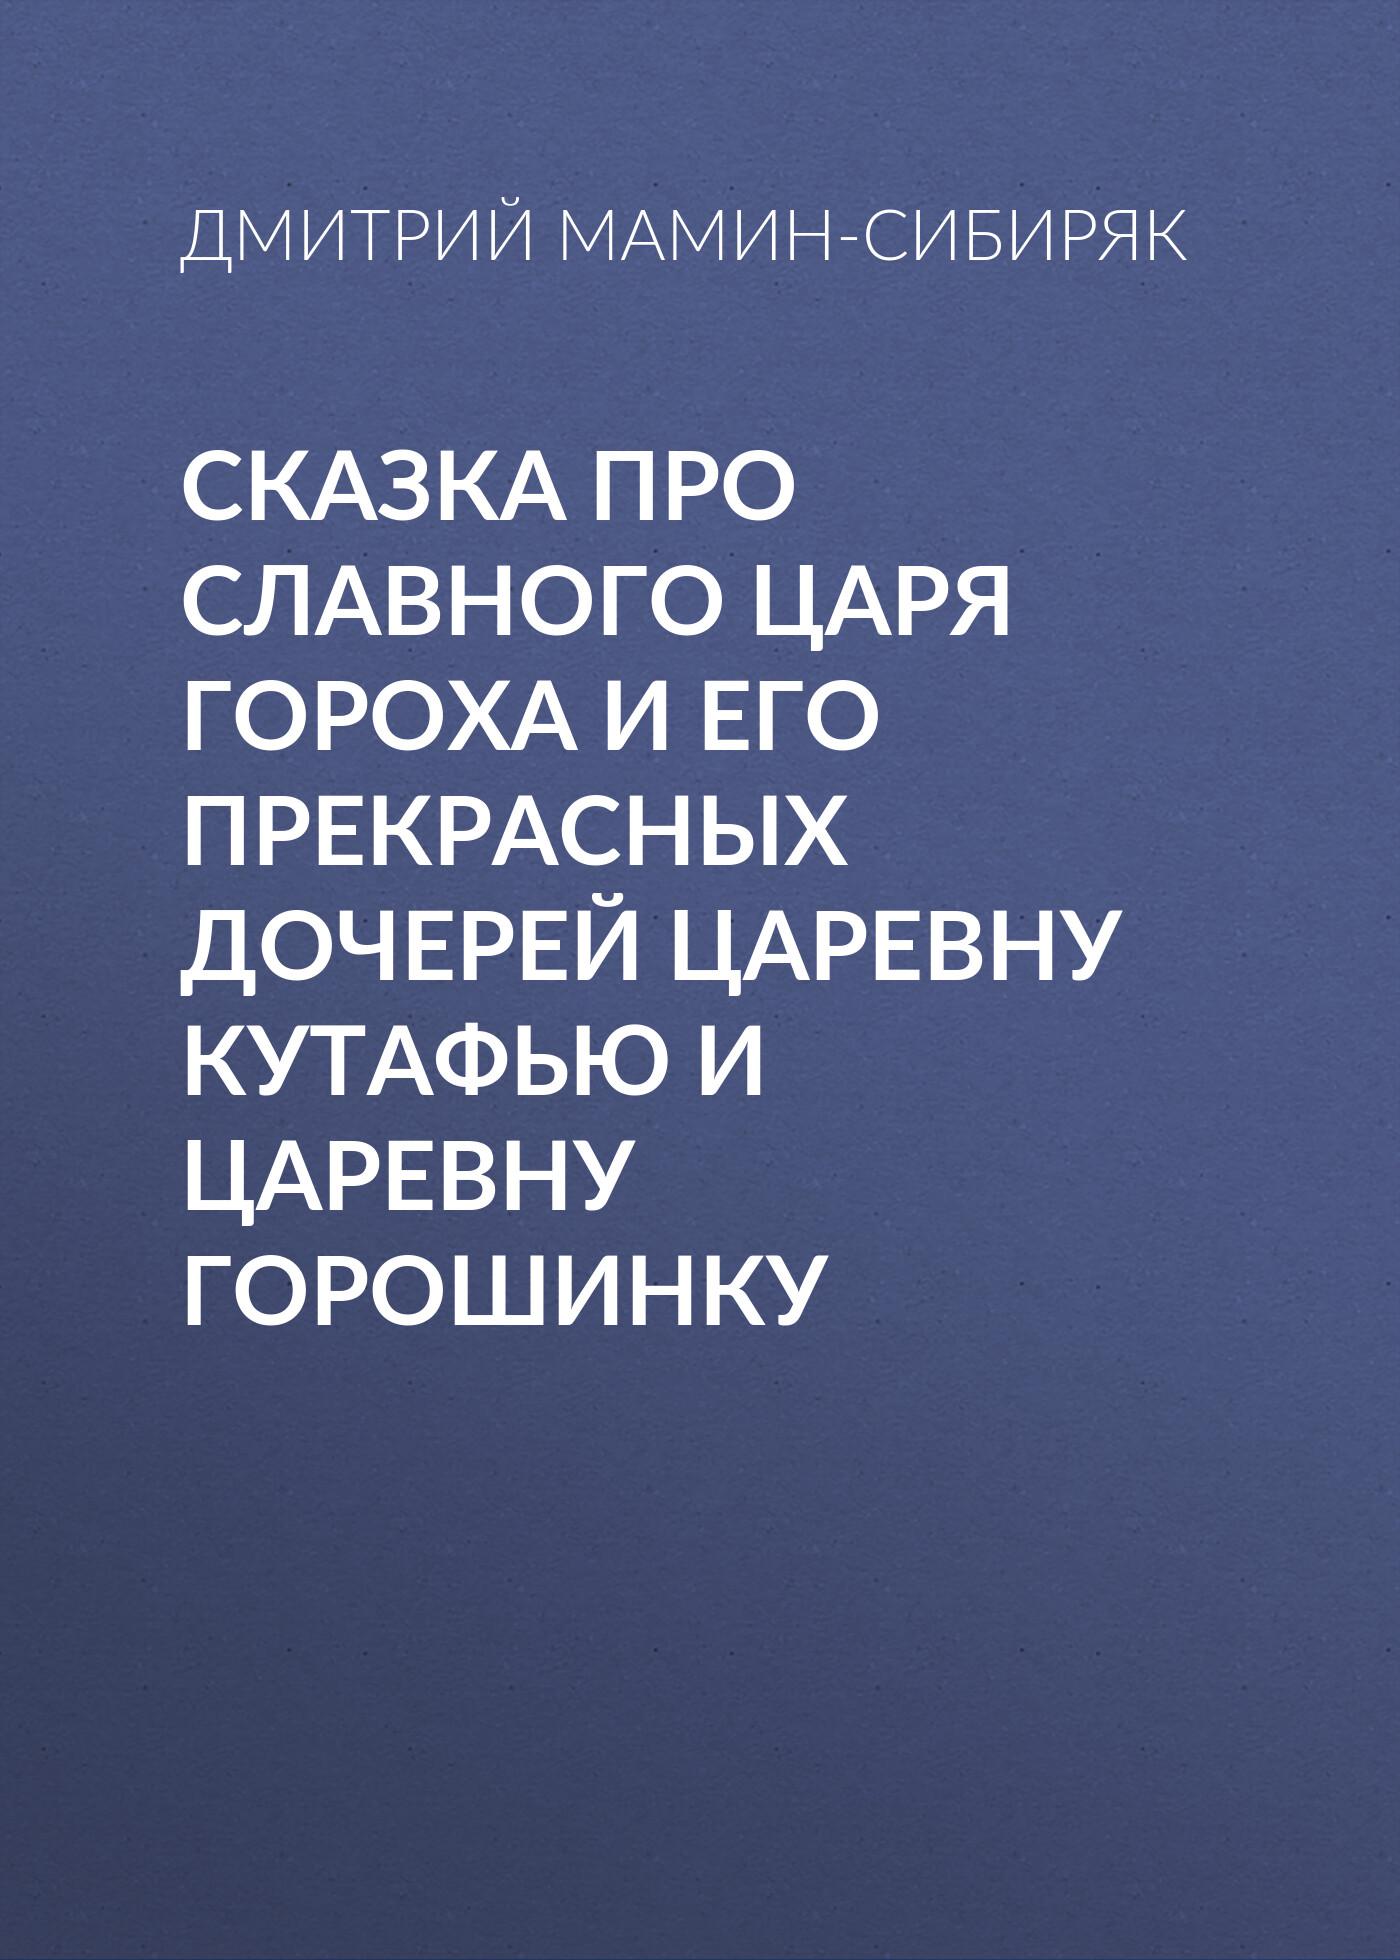 Сказка про славного царя Гороха и его прекрасных дочерей царевну Кутафью и царевну Горошинку_Дмитрий Мамин-Сибиряк